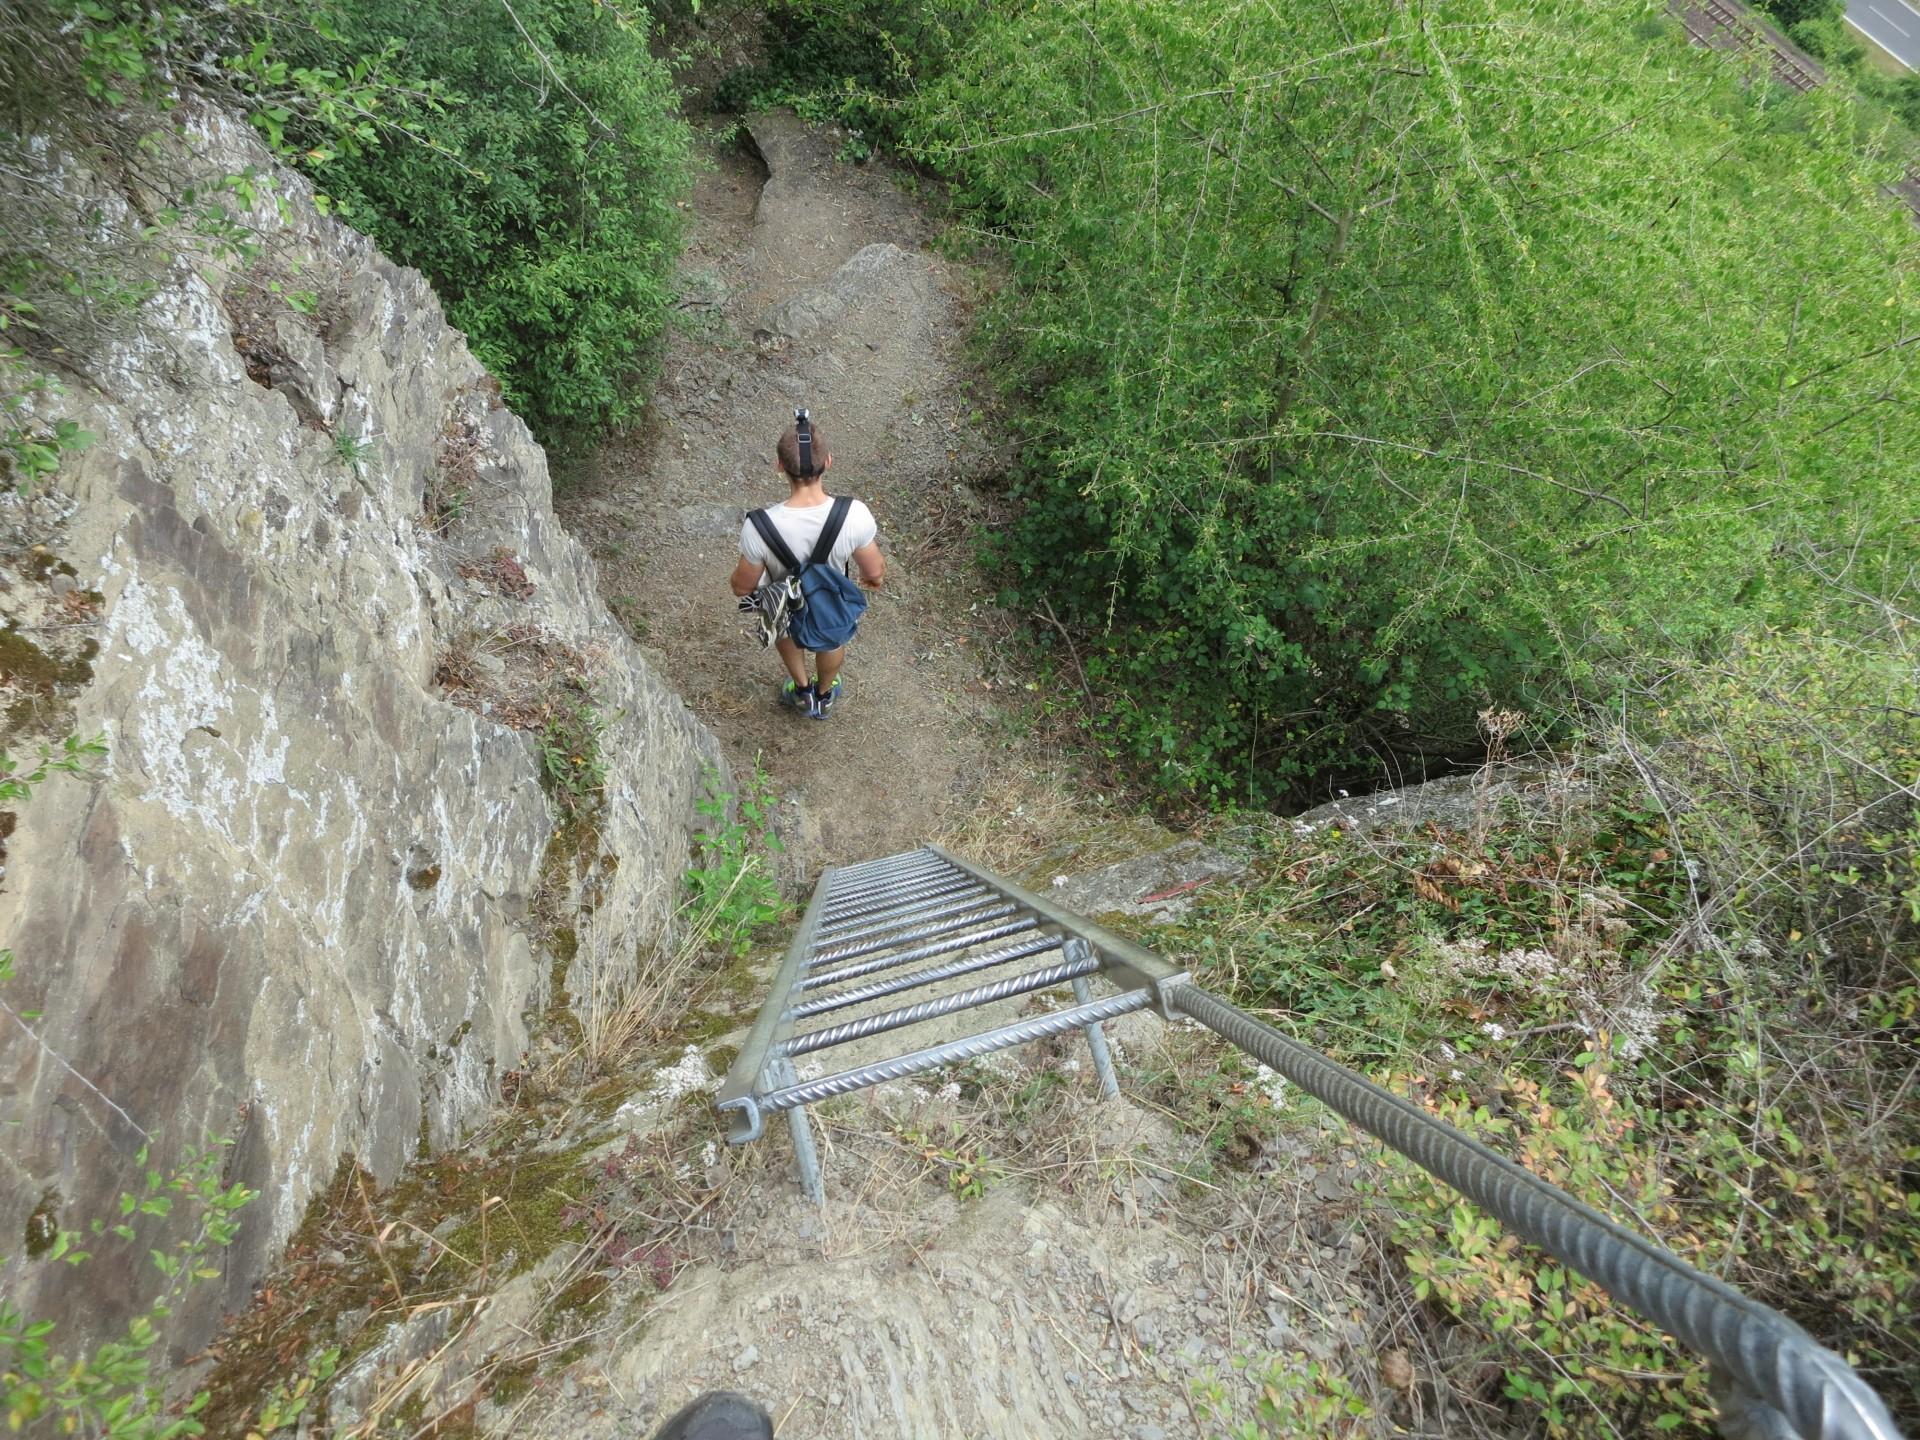 Klettersteig Boppard : Mittelrheinsteig klettersteig boppard